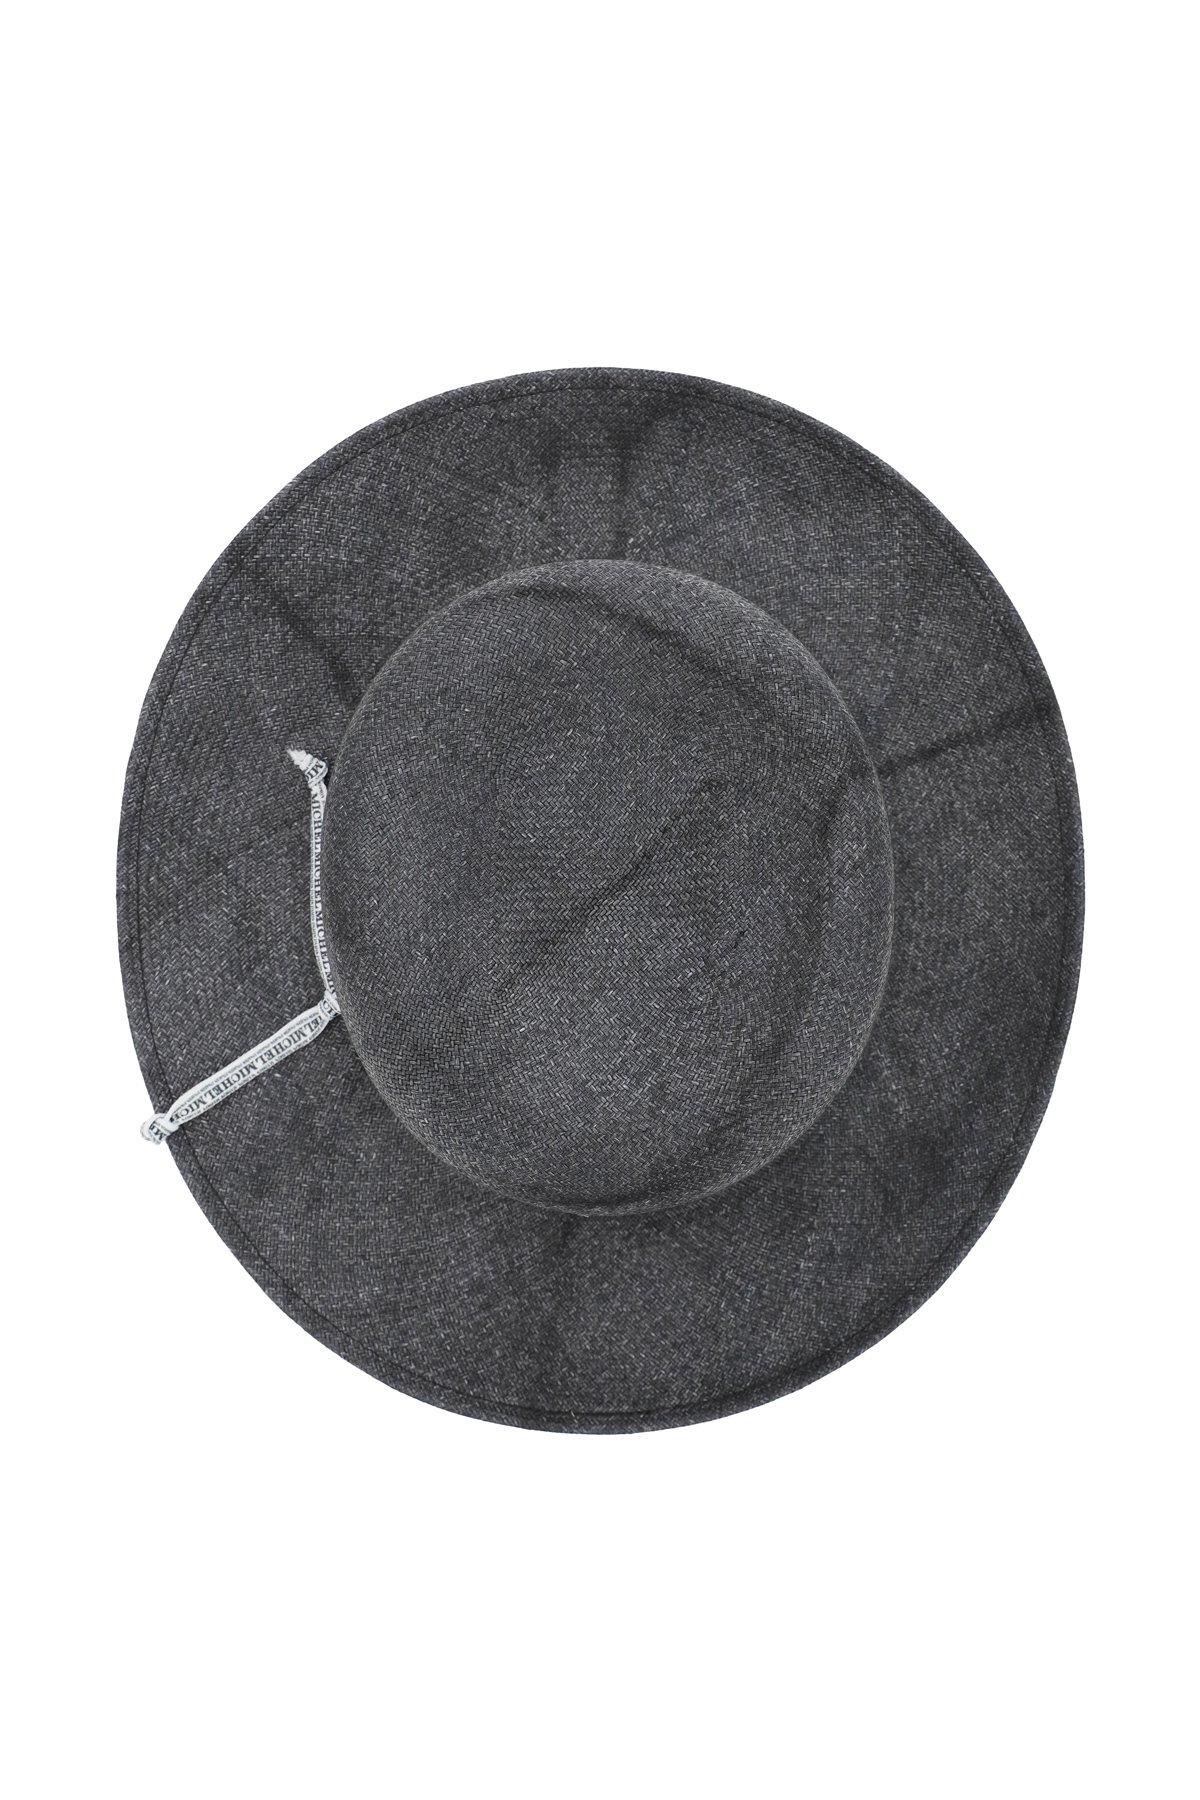 Maison michel cappello intrecciato rollable new kendall